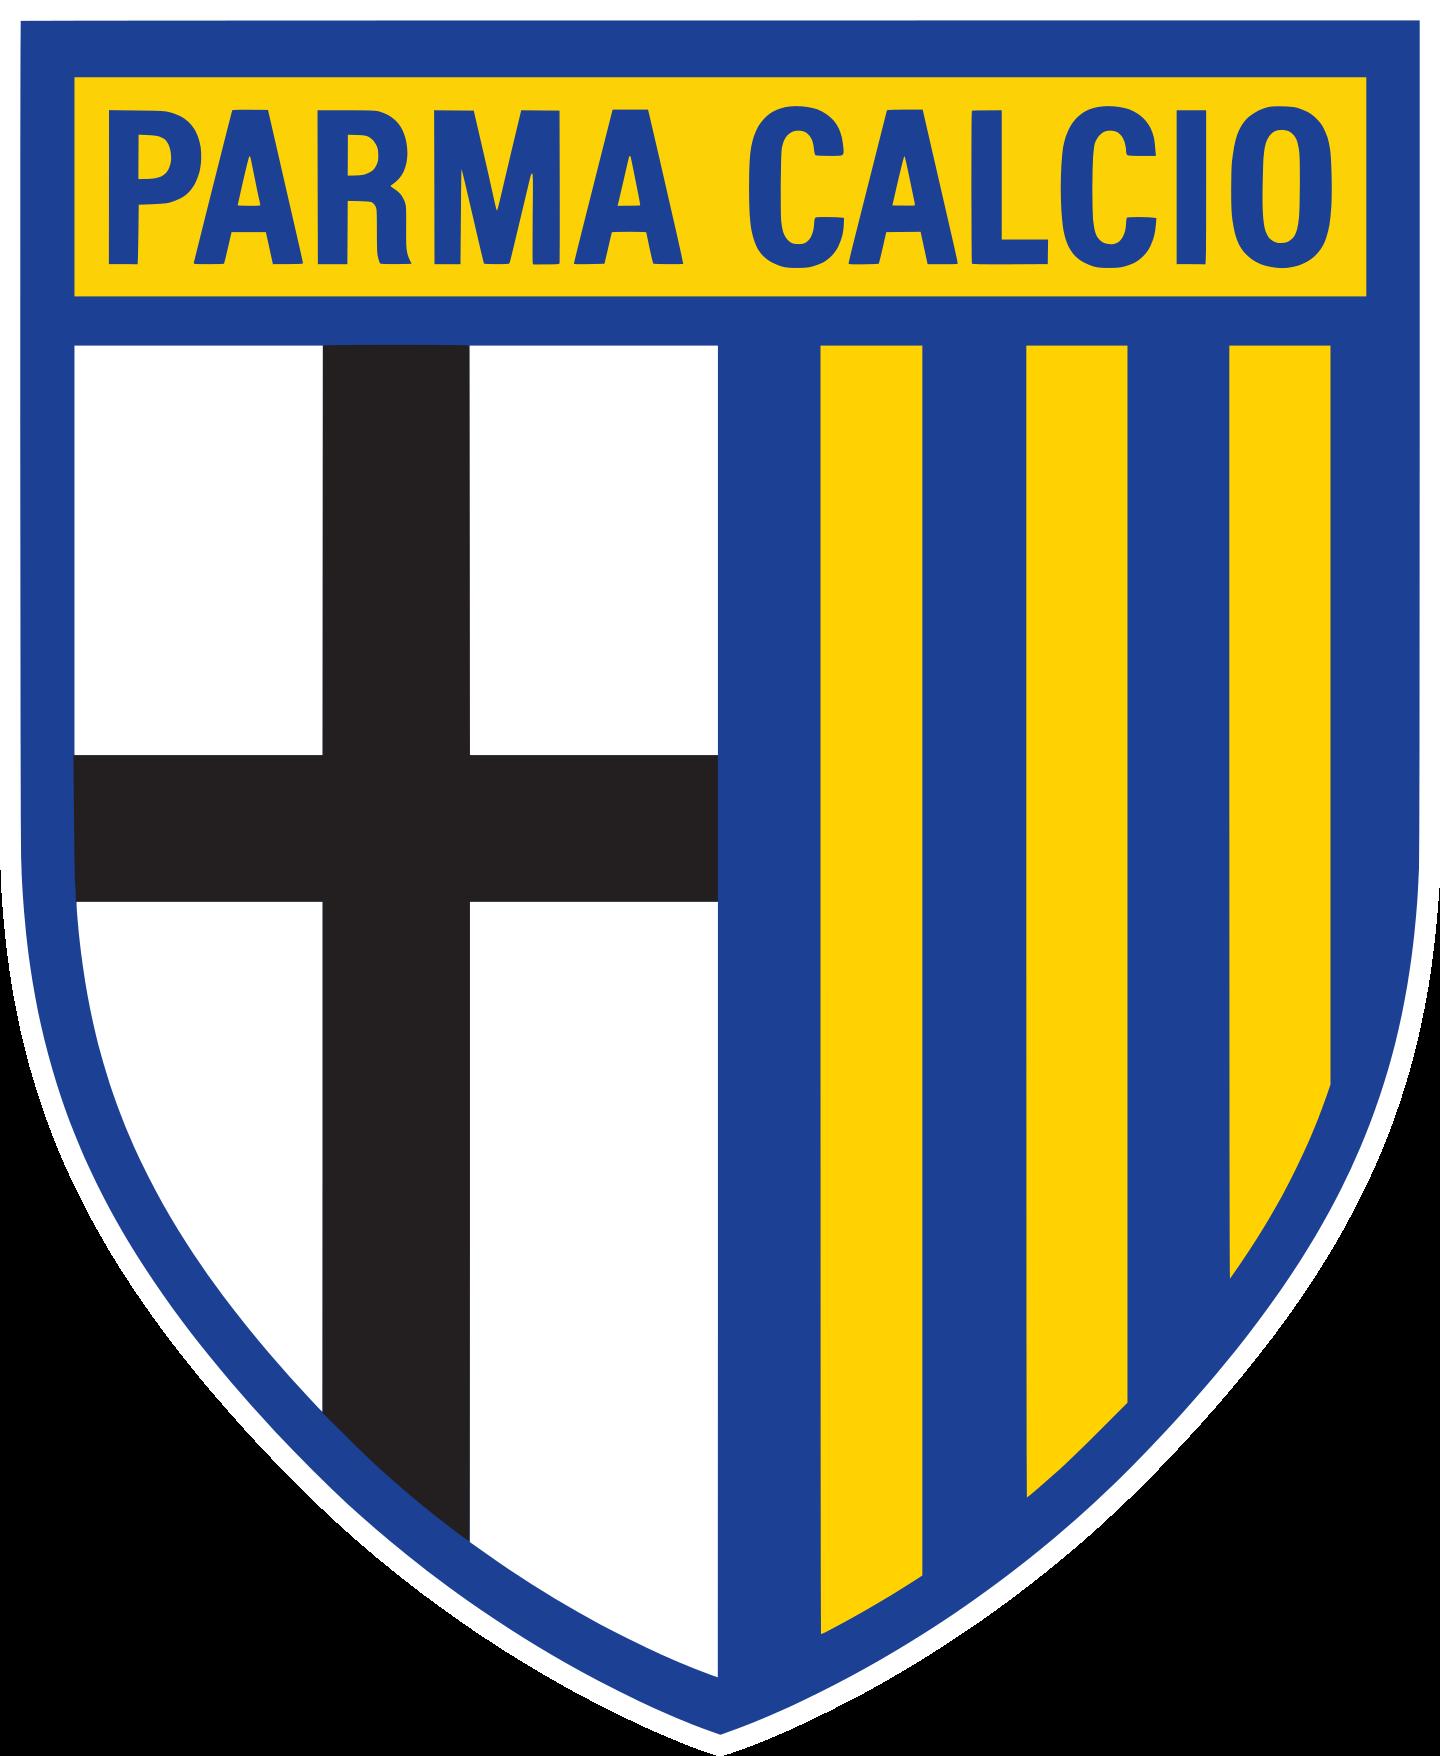 parma logo 2 - Parma Logo